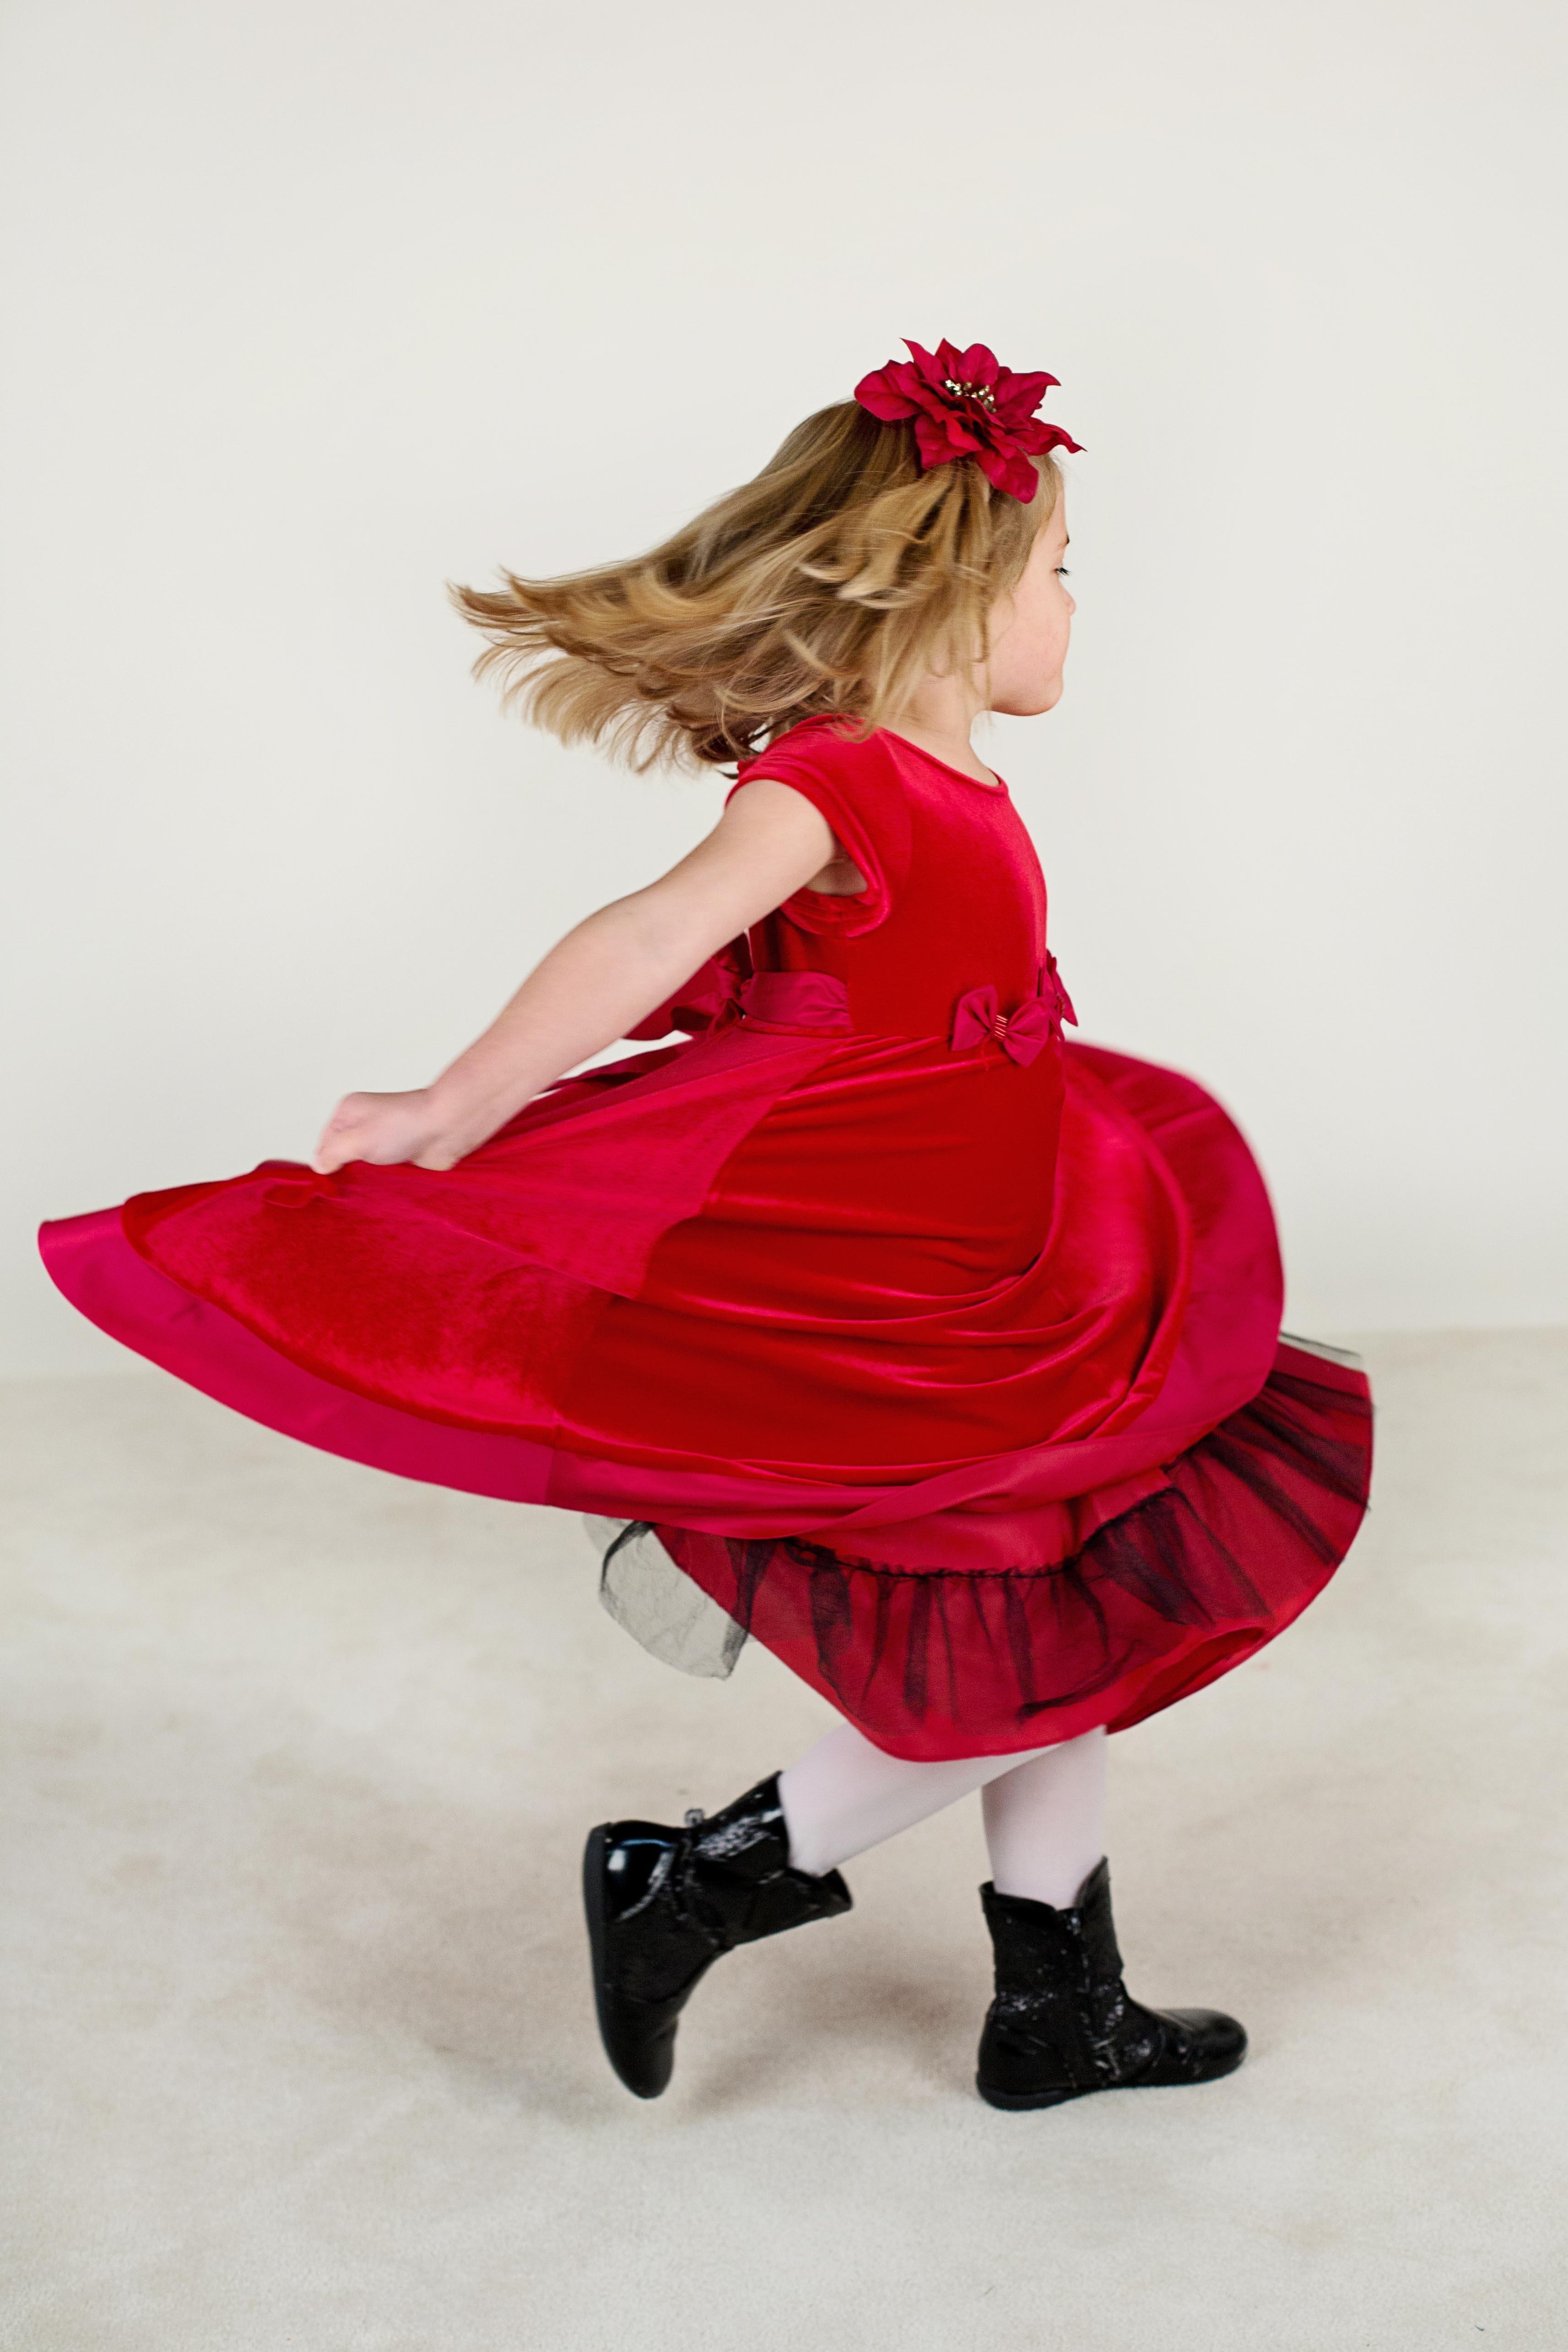 Darmowe Zdjęcia Dziewczyna Bieganie Uroczy Dziecko Różowy